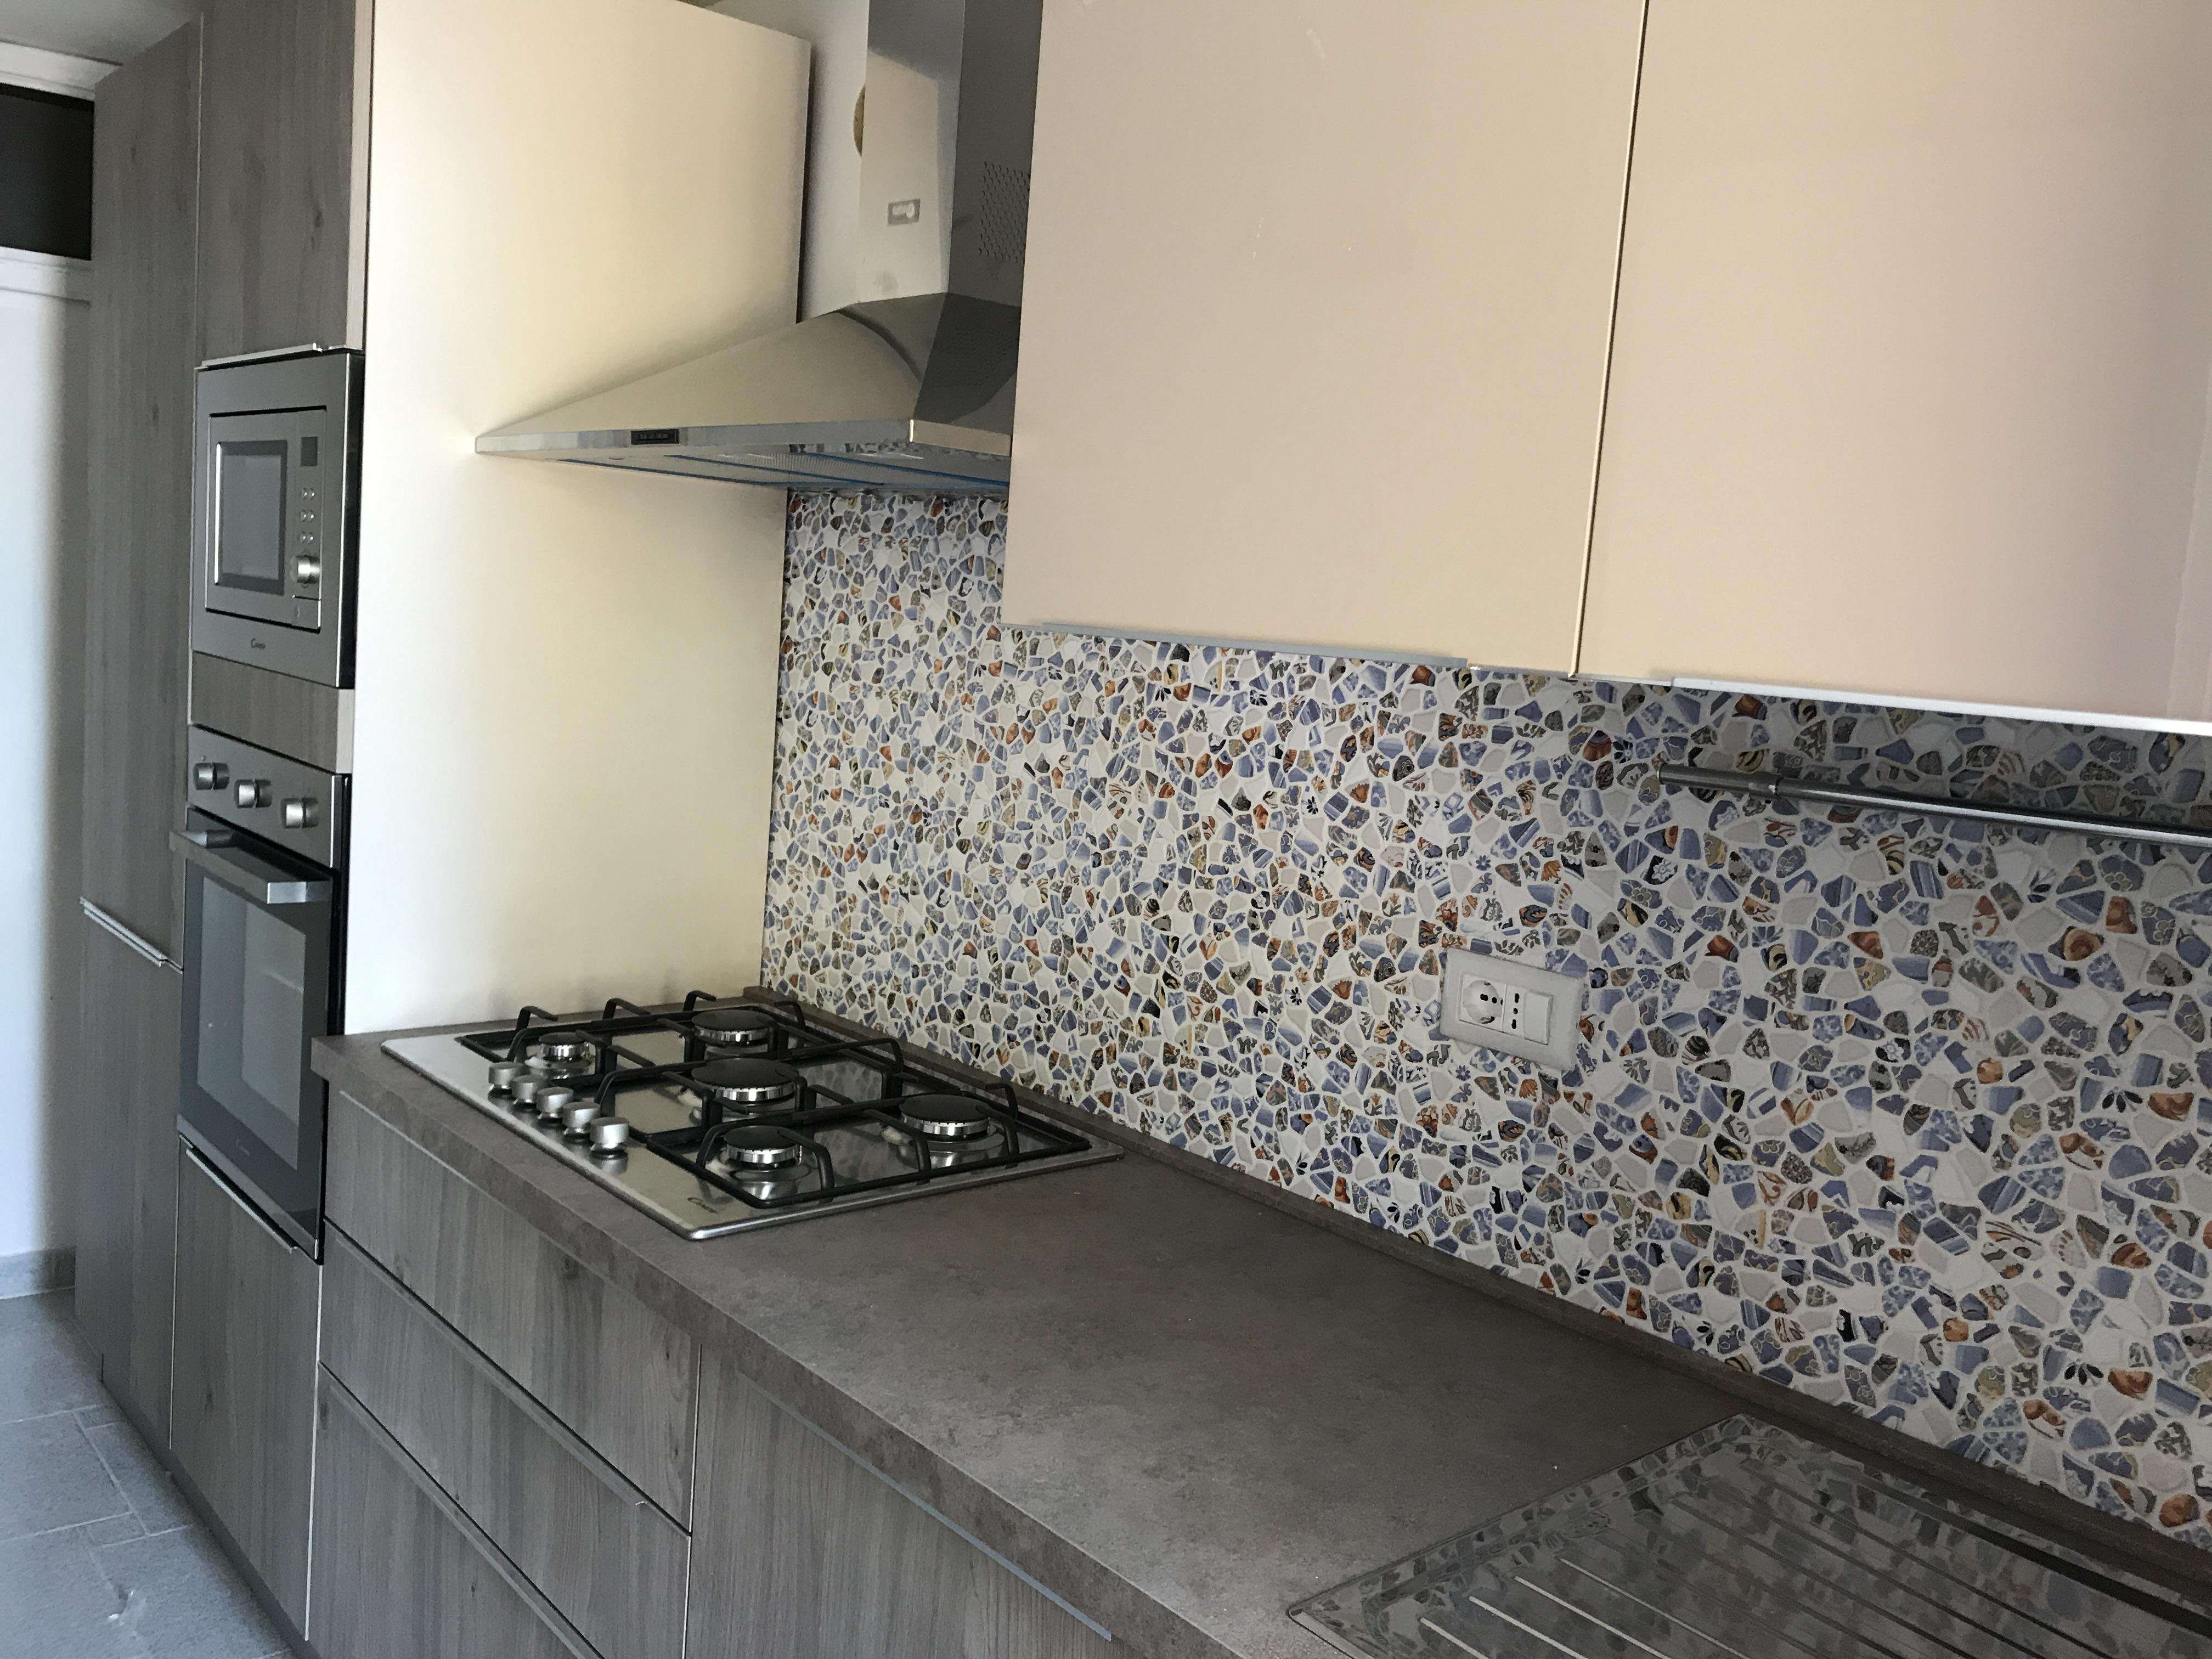 nuova cucina a cinque fuochi e doppio forno